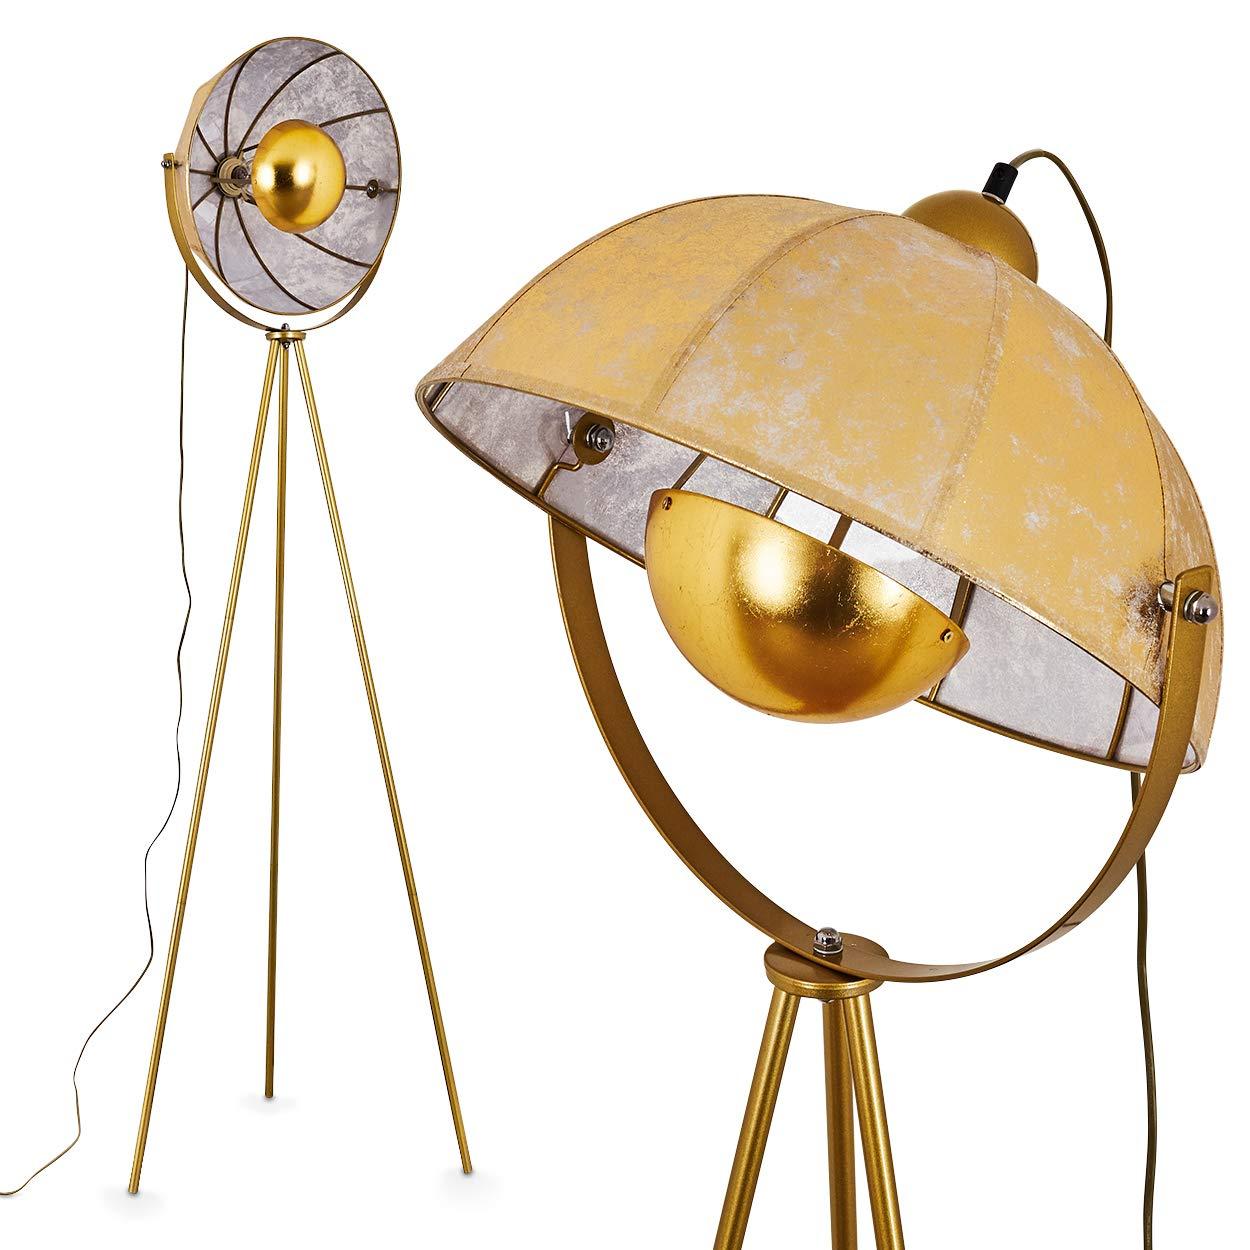 Lampada da terra Machaila in metallo di colore oro/dorato - Piantana orientabile argentata che include interruttore di accensione sul cavo - Trepiede con luce attacco 1 x E27 Hofstein